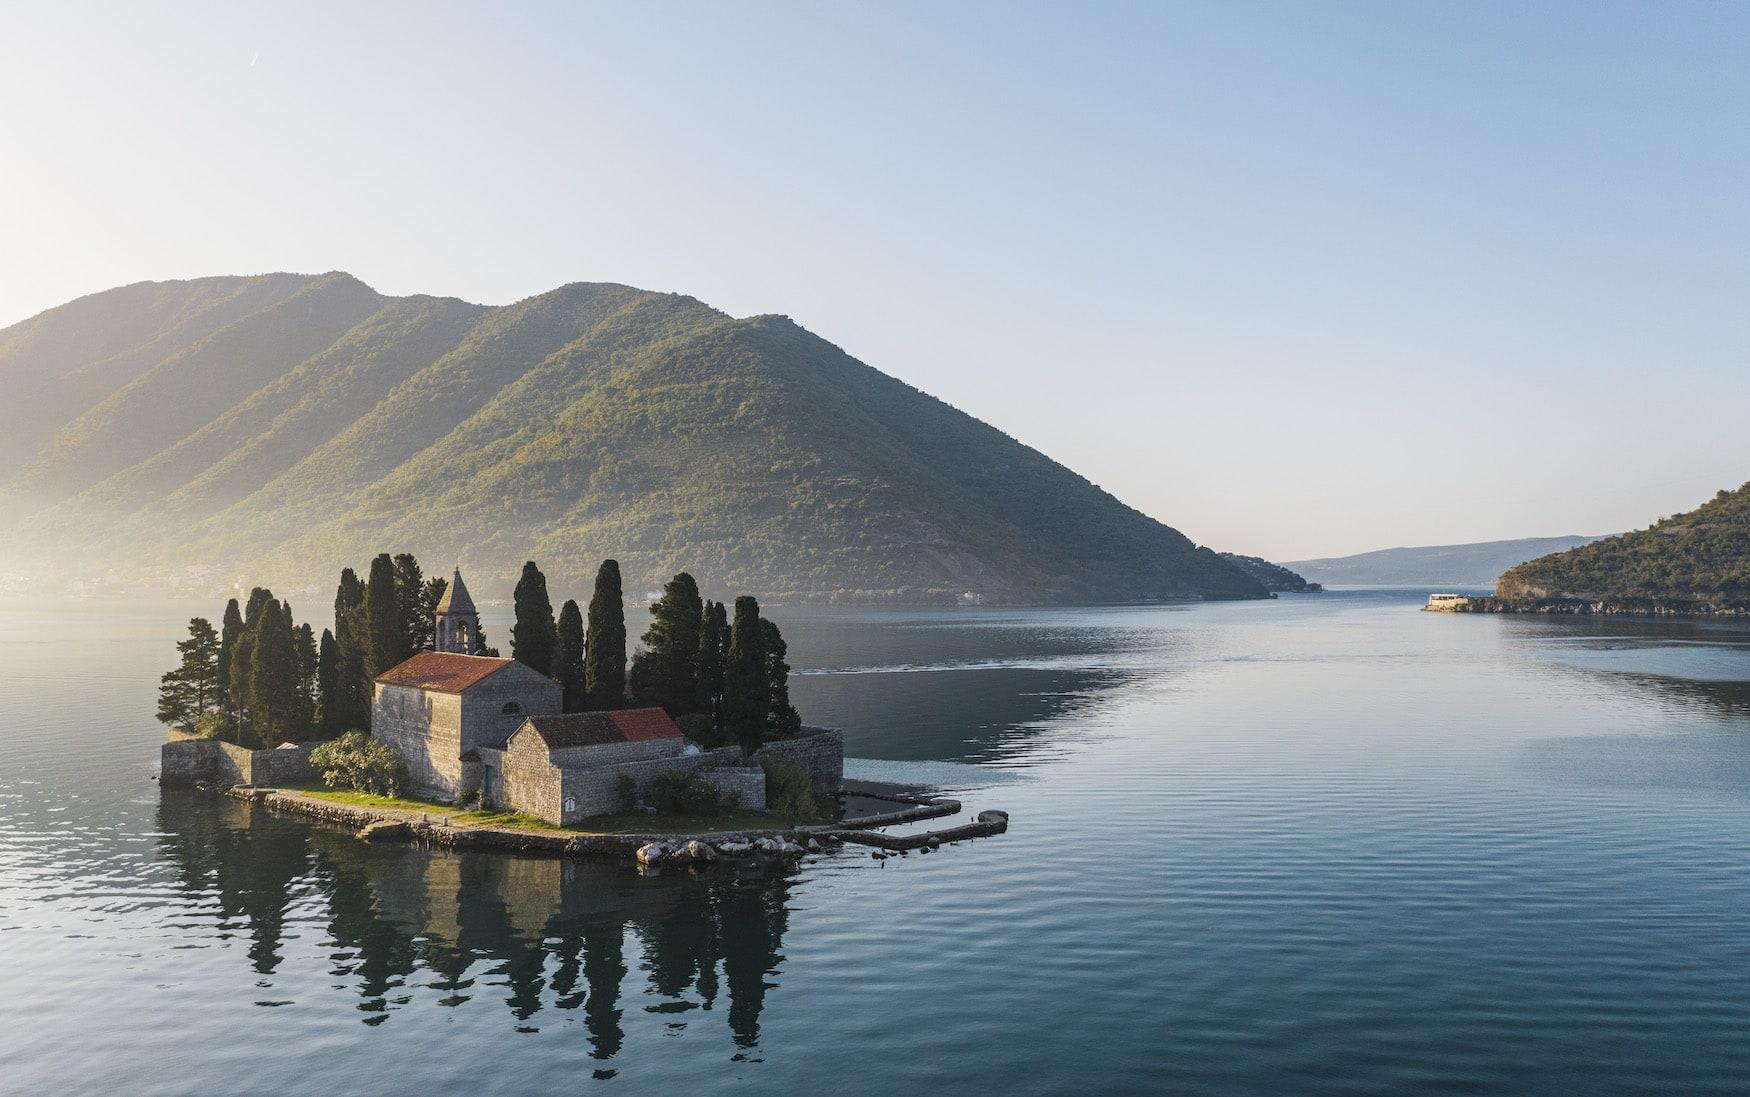 Church Island in der Nähe der Hoteleröffnung des One& Only Resort Portonovi im Frühjahr 2021